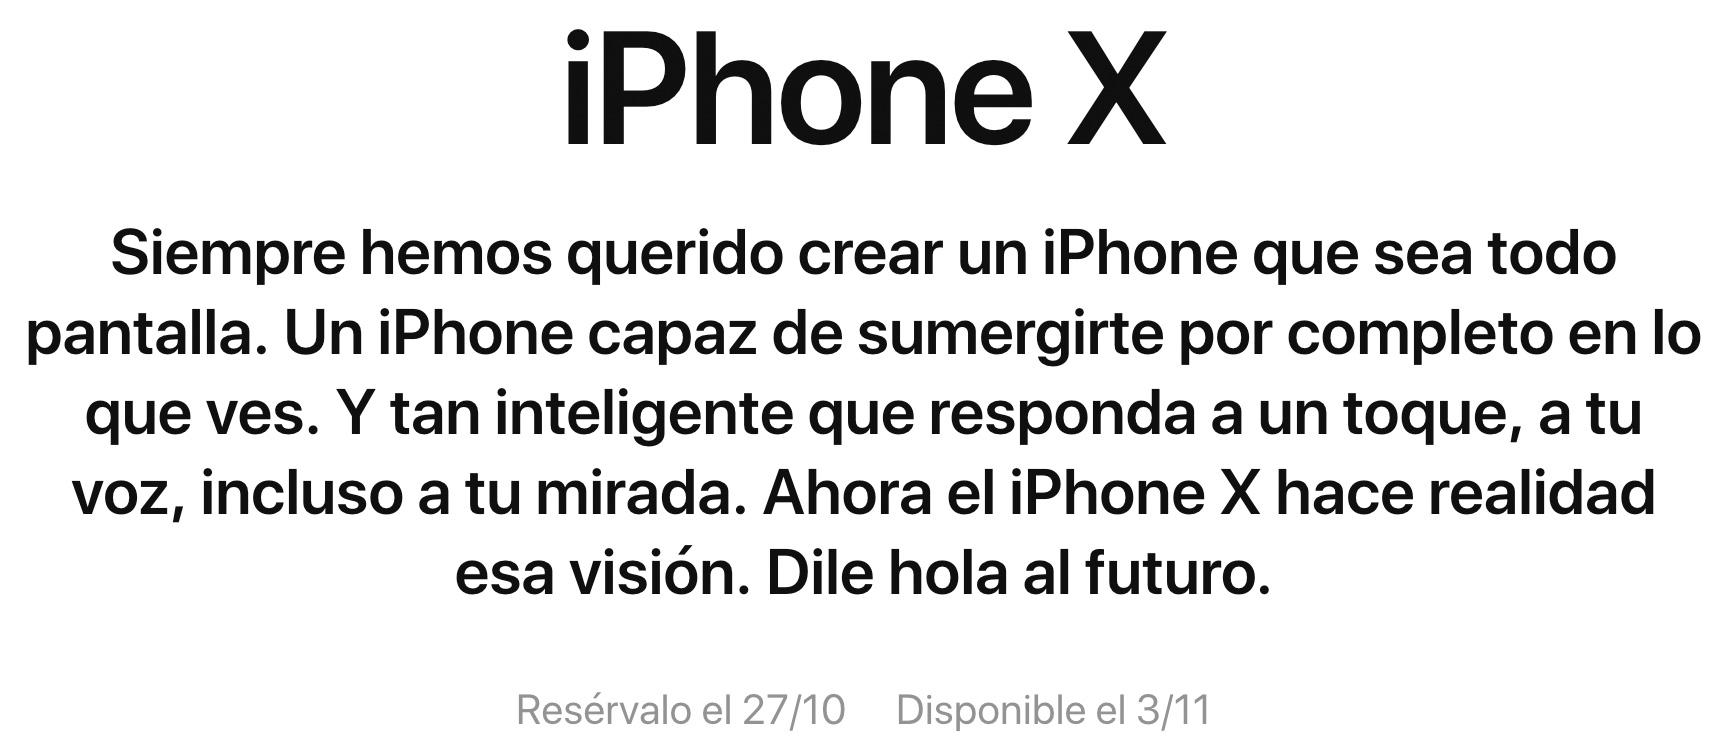 Cita de la web de Apple sobre el iPhone X